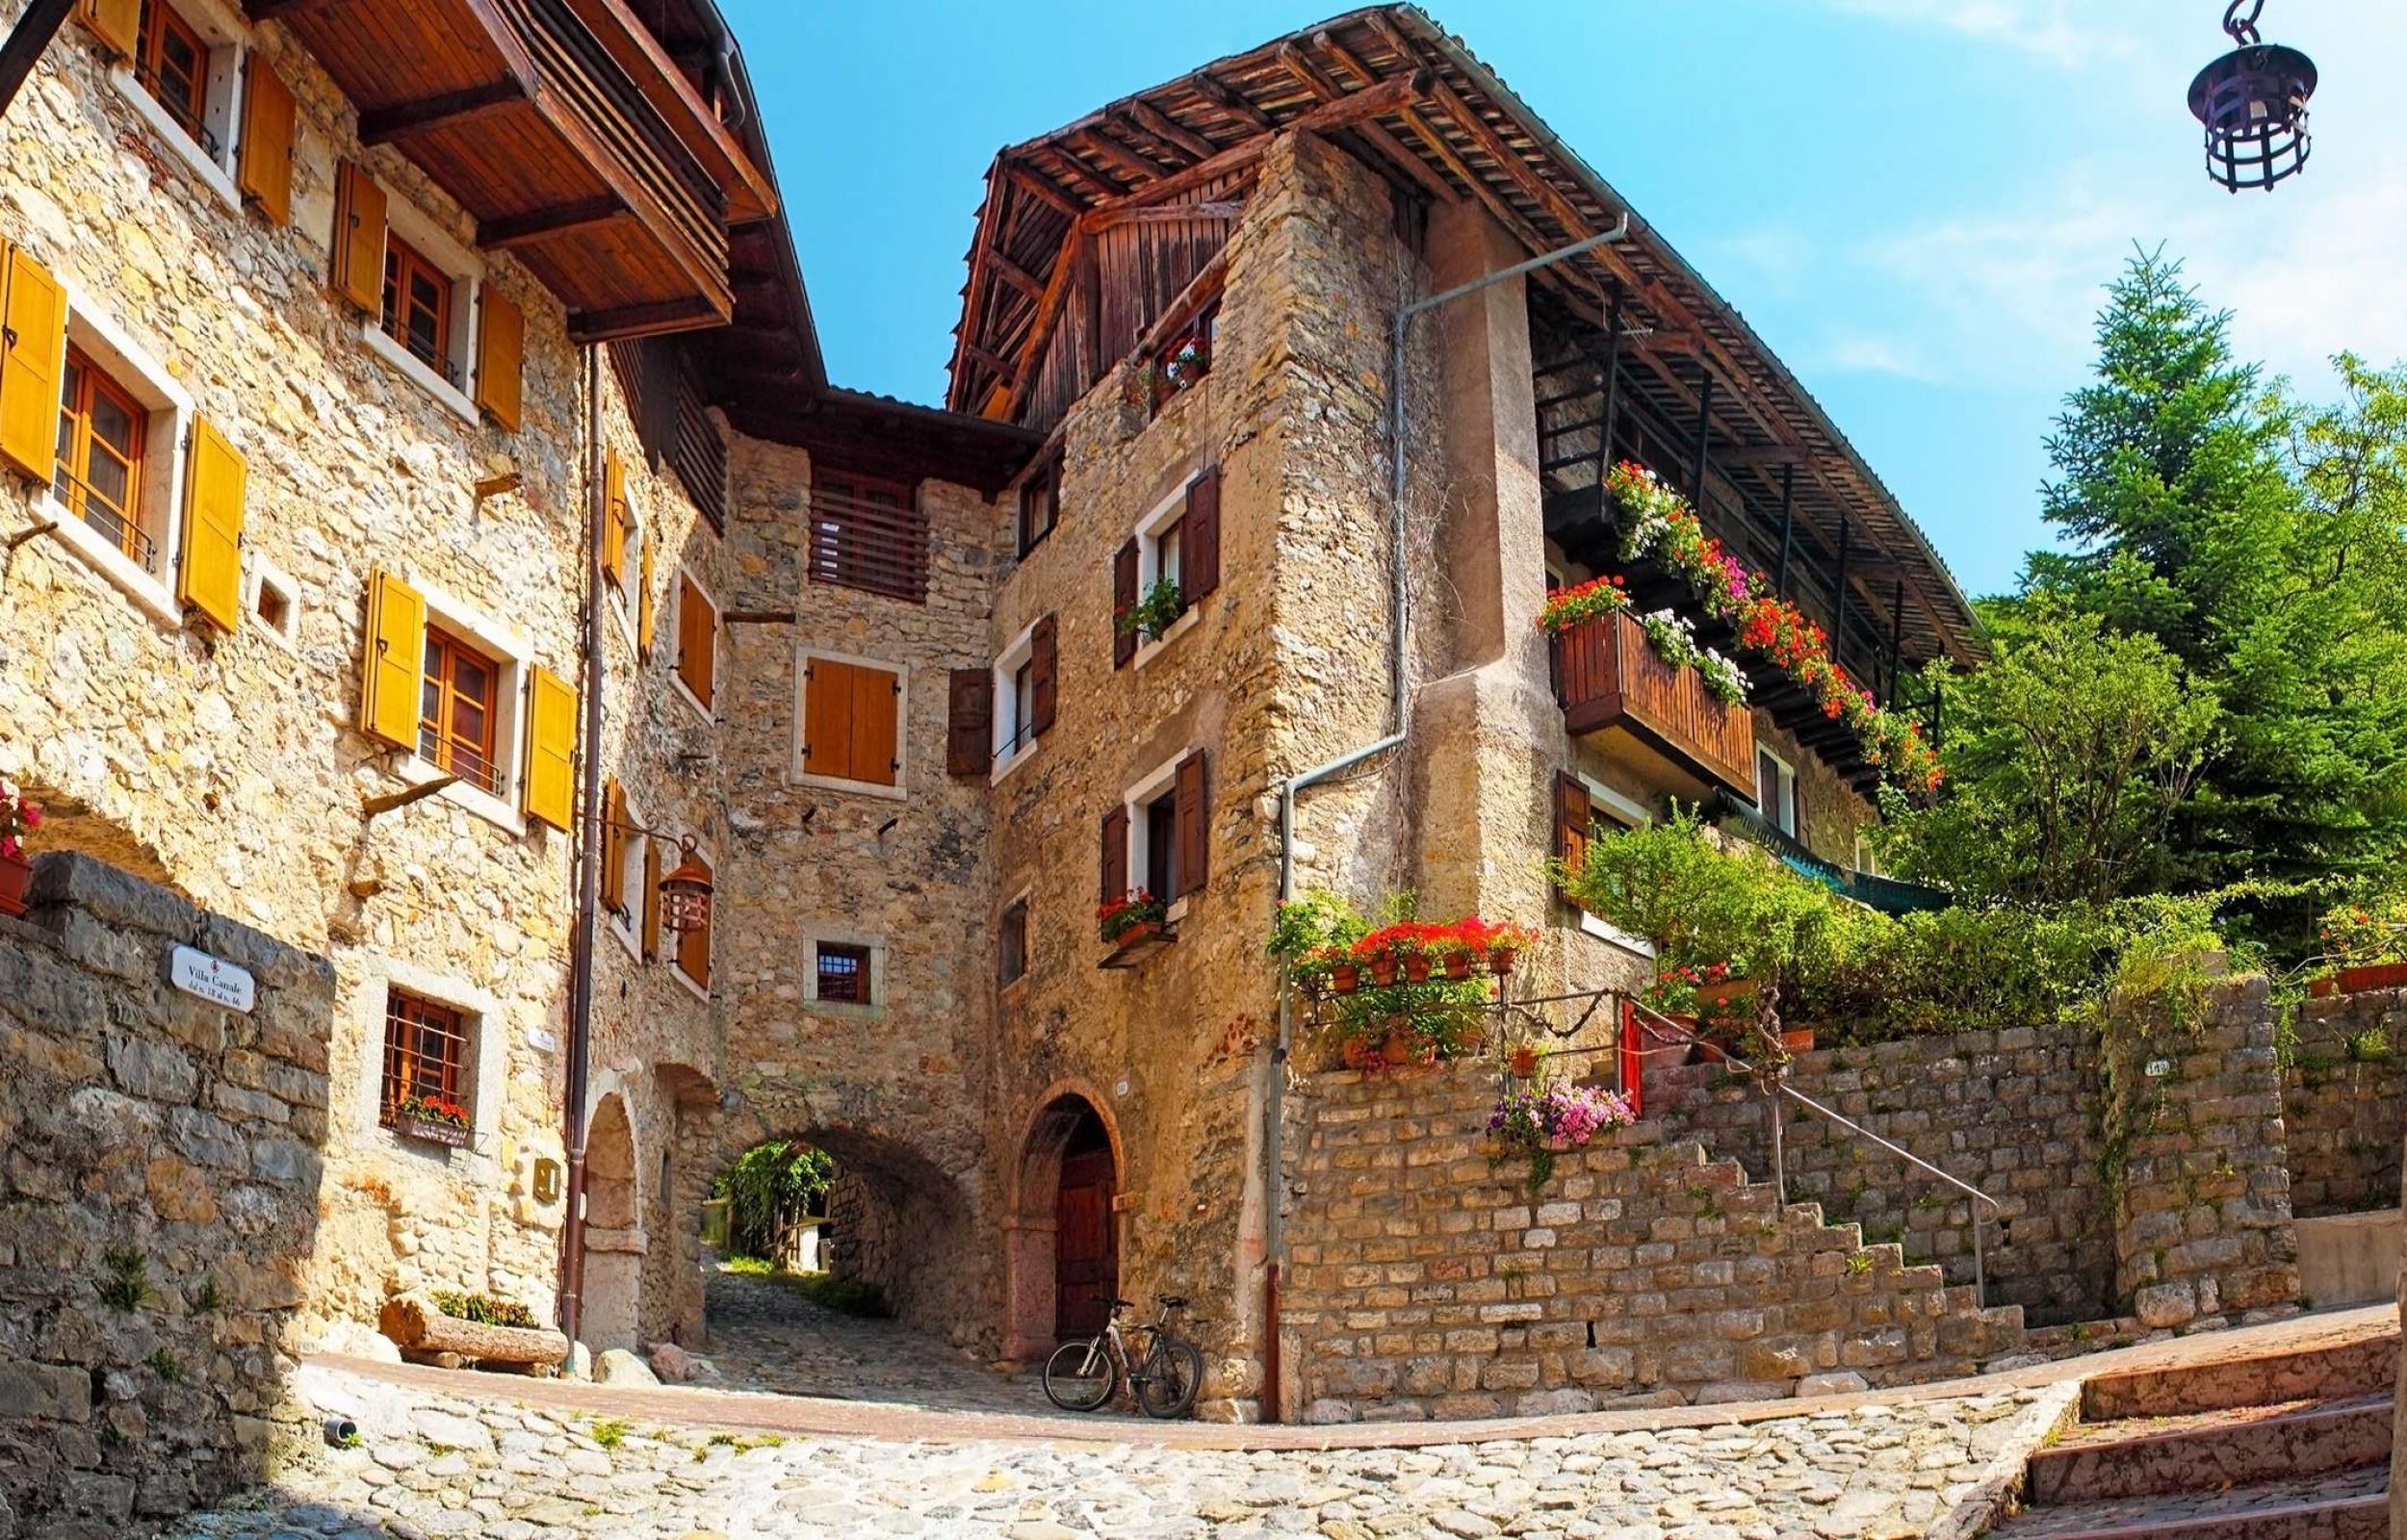 Trentino: la bellezza del Passato